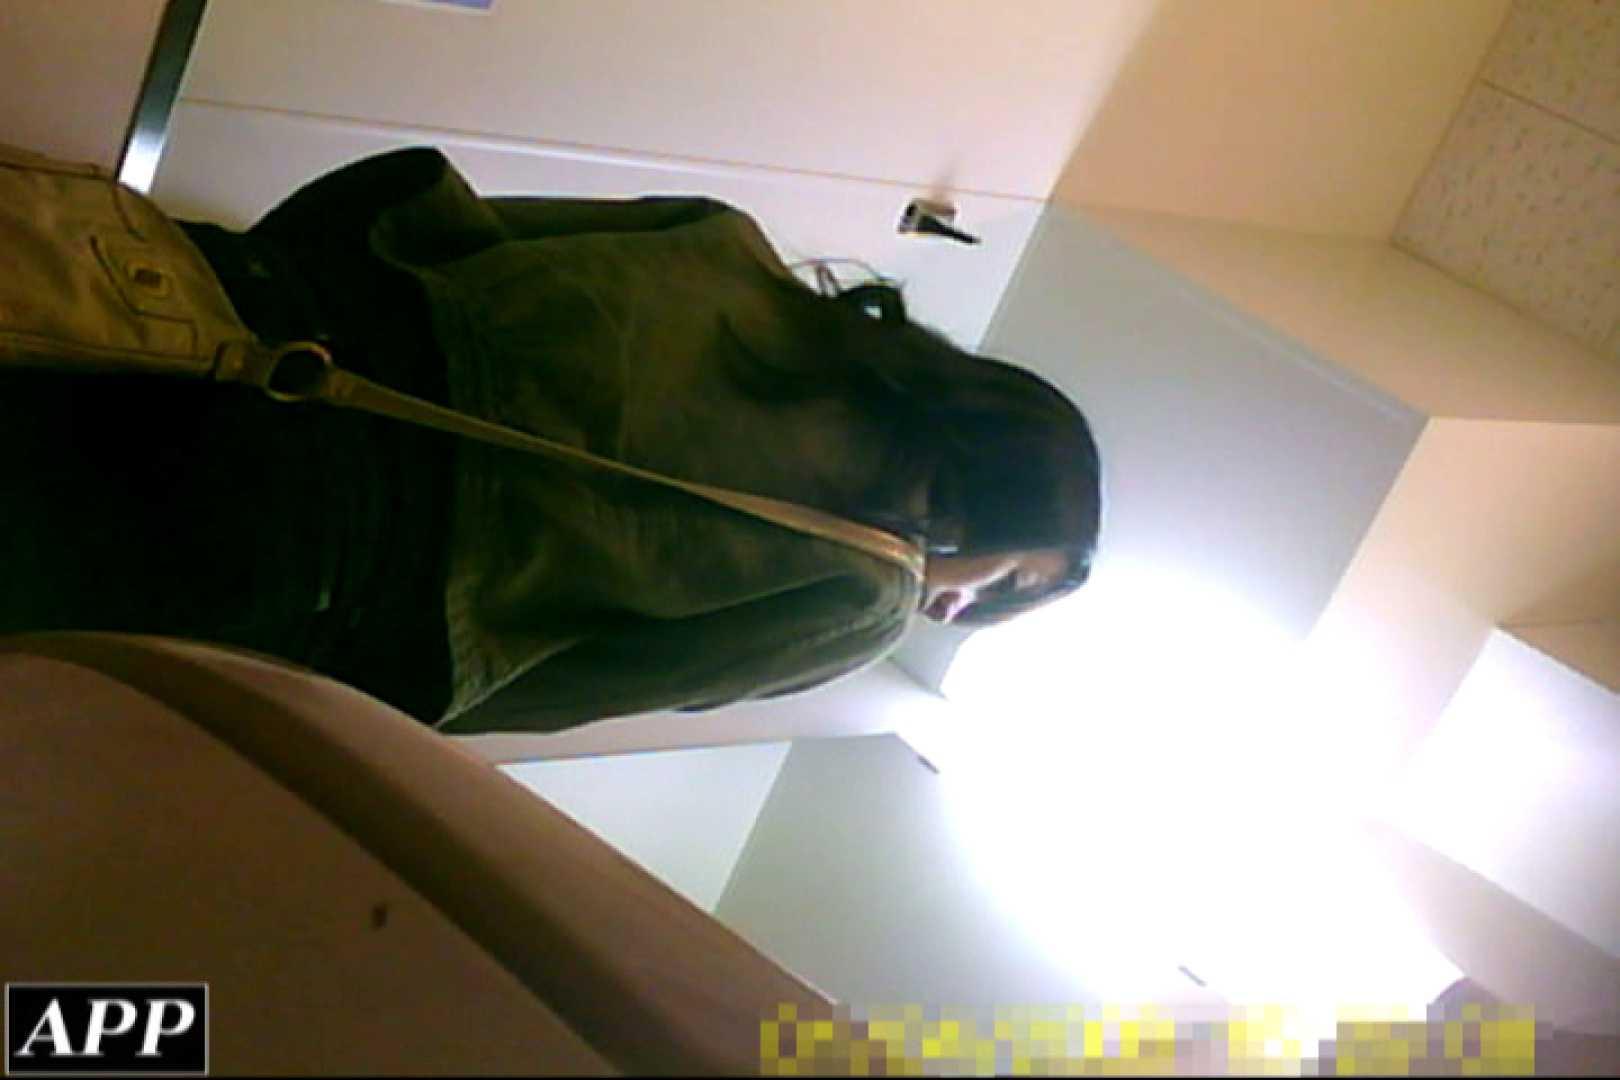 3視点洗面所 vol.03 OLの実態 盗み撮りAV無料動画キャプチャ 102pic 98